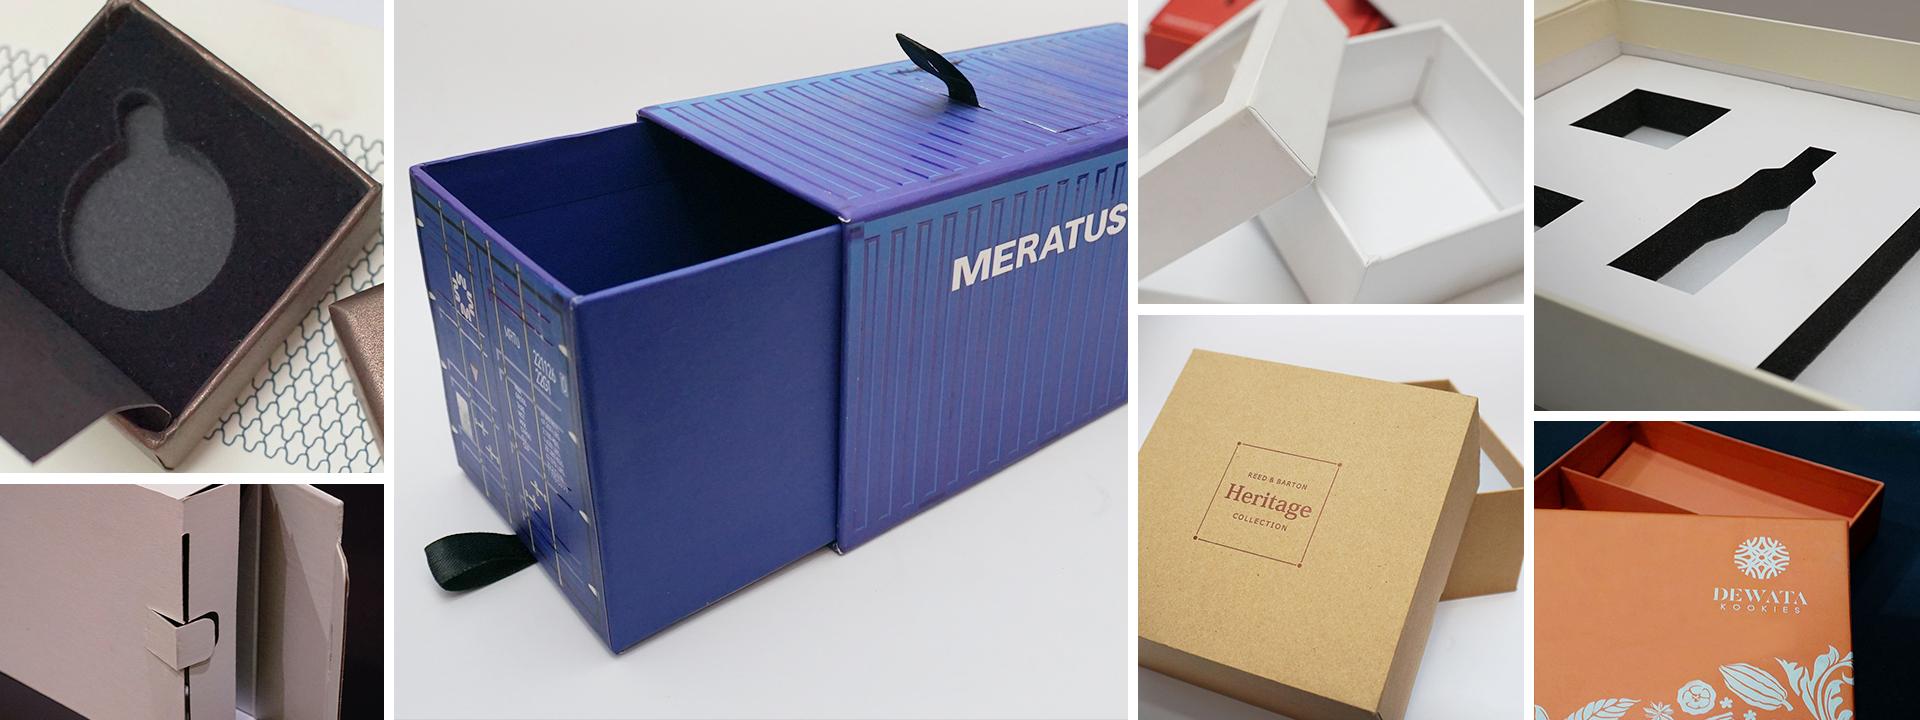 Meratus portofolio 1